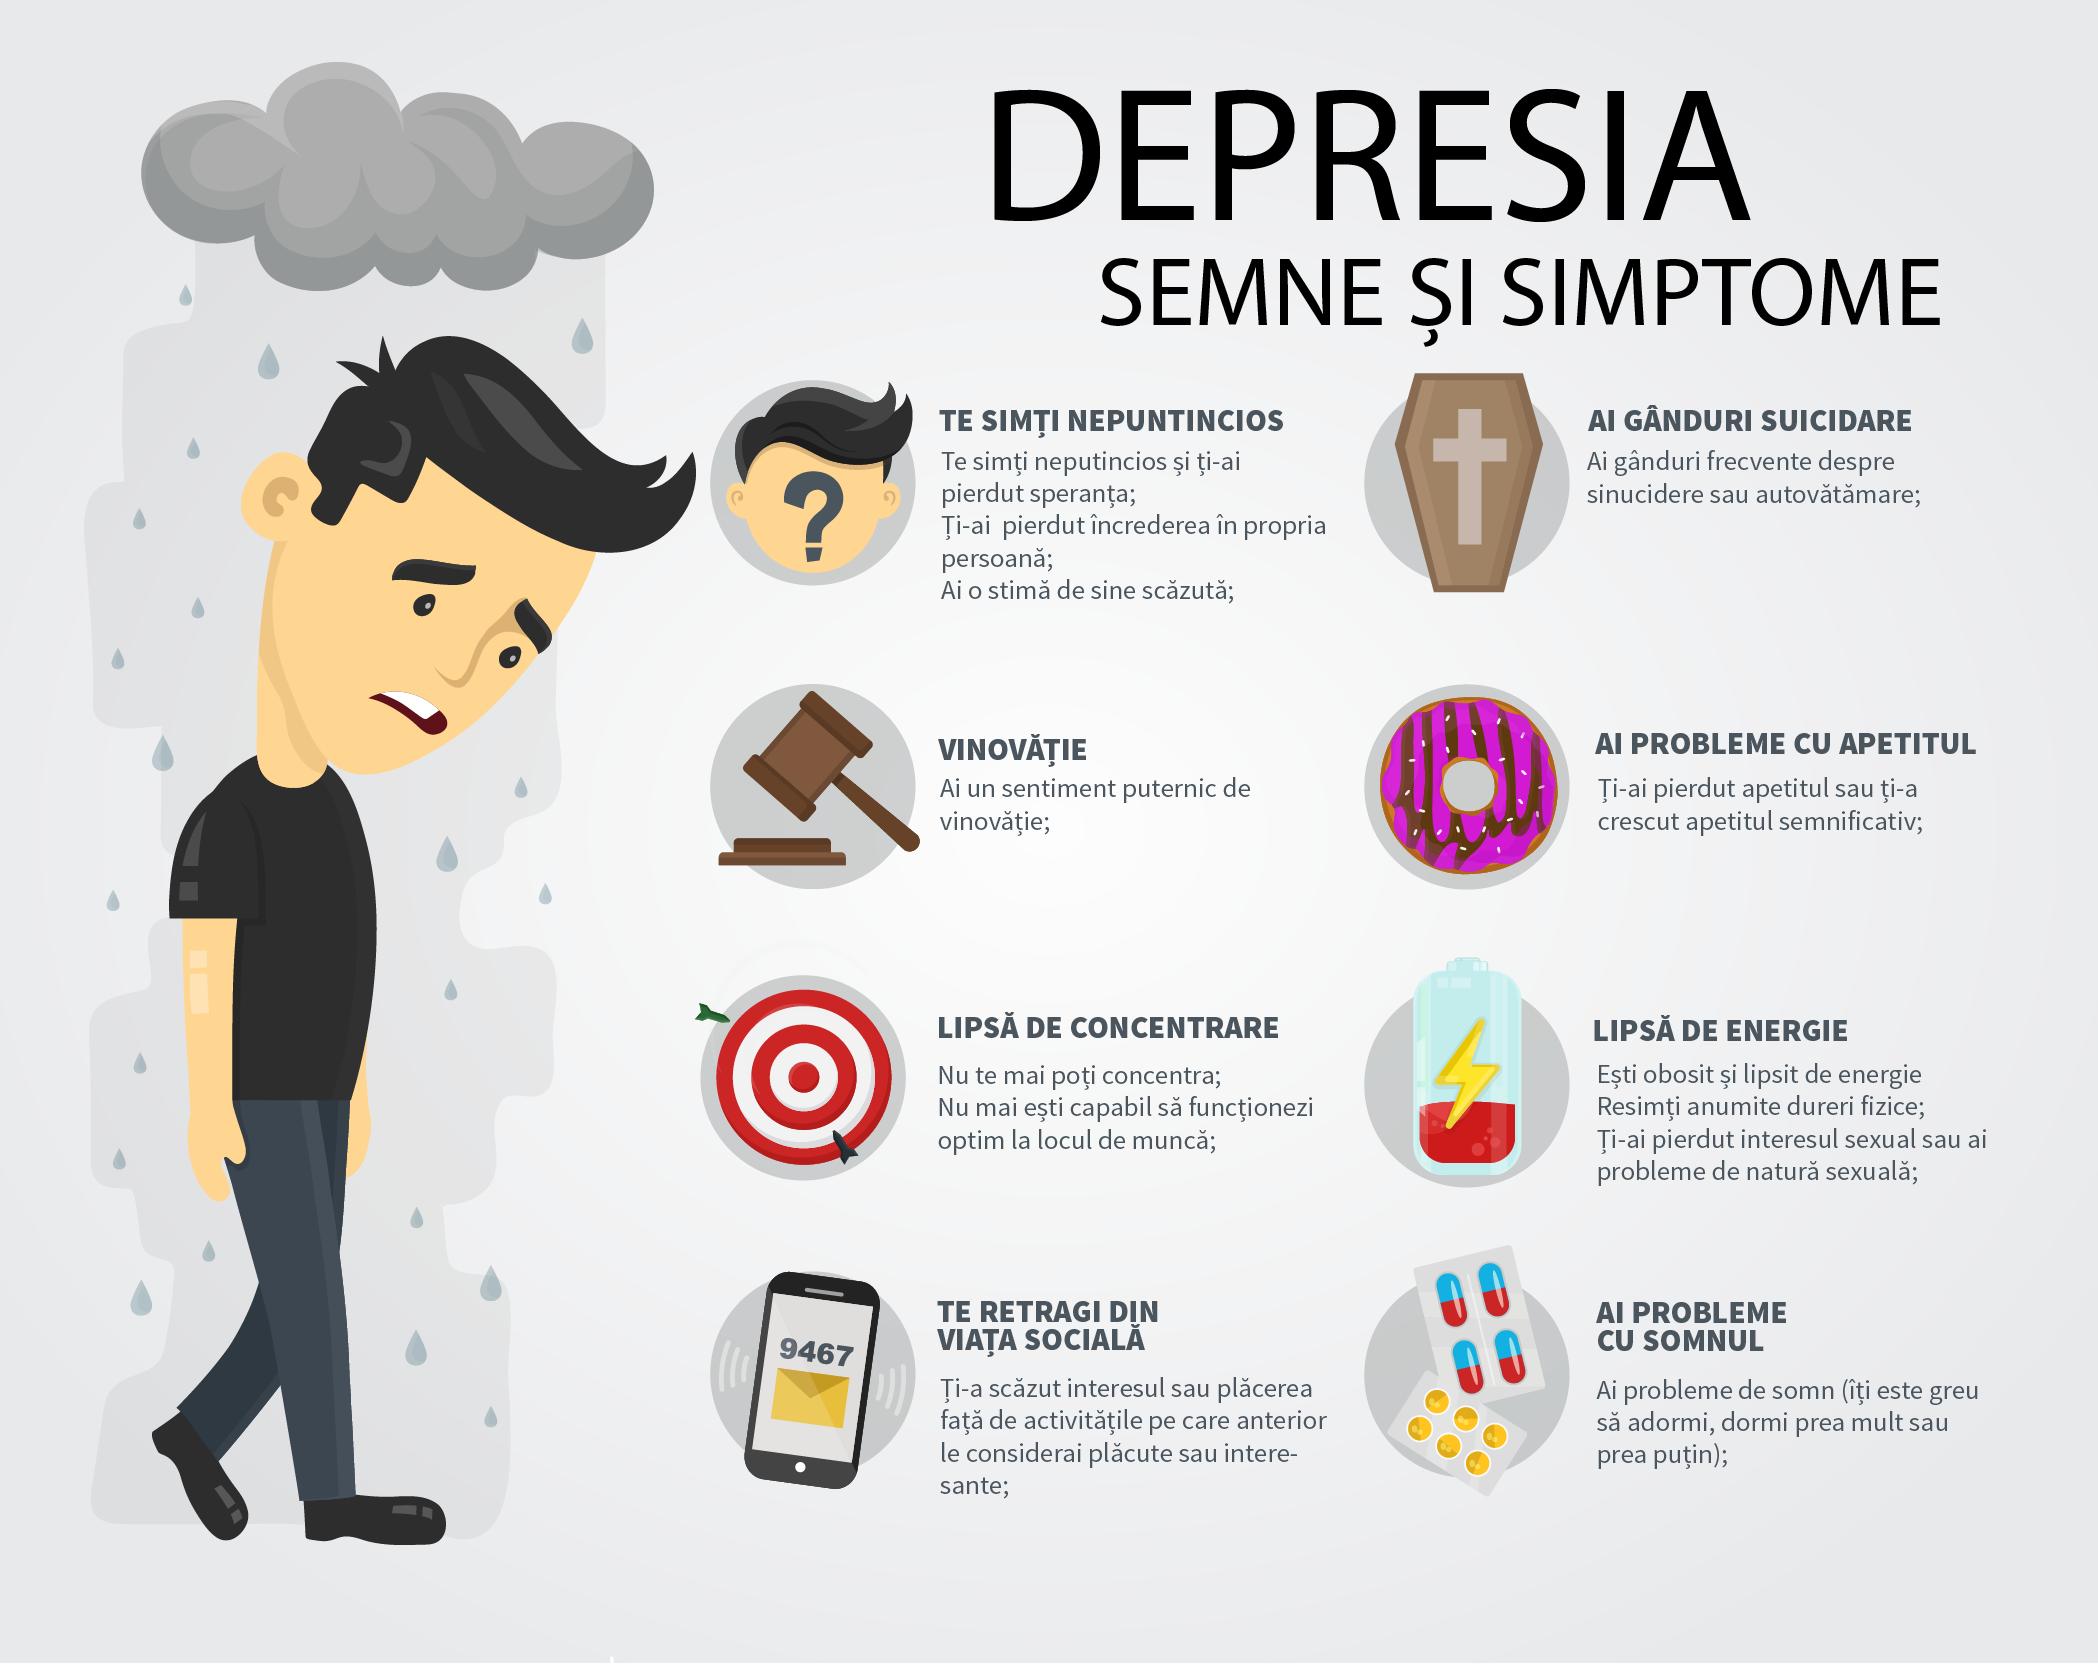 depresia chiromedica psihologie 2 01 1